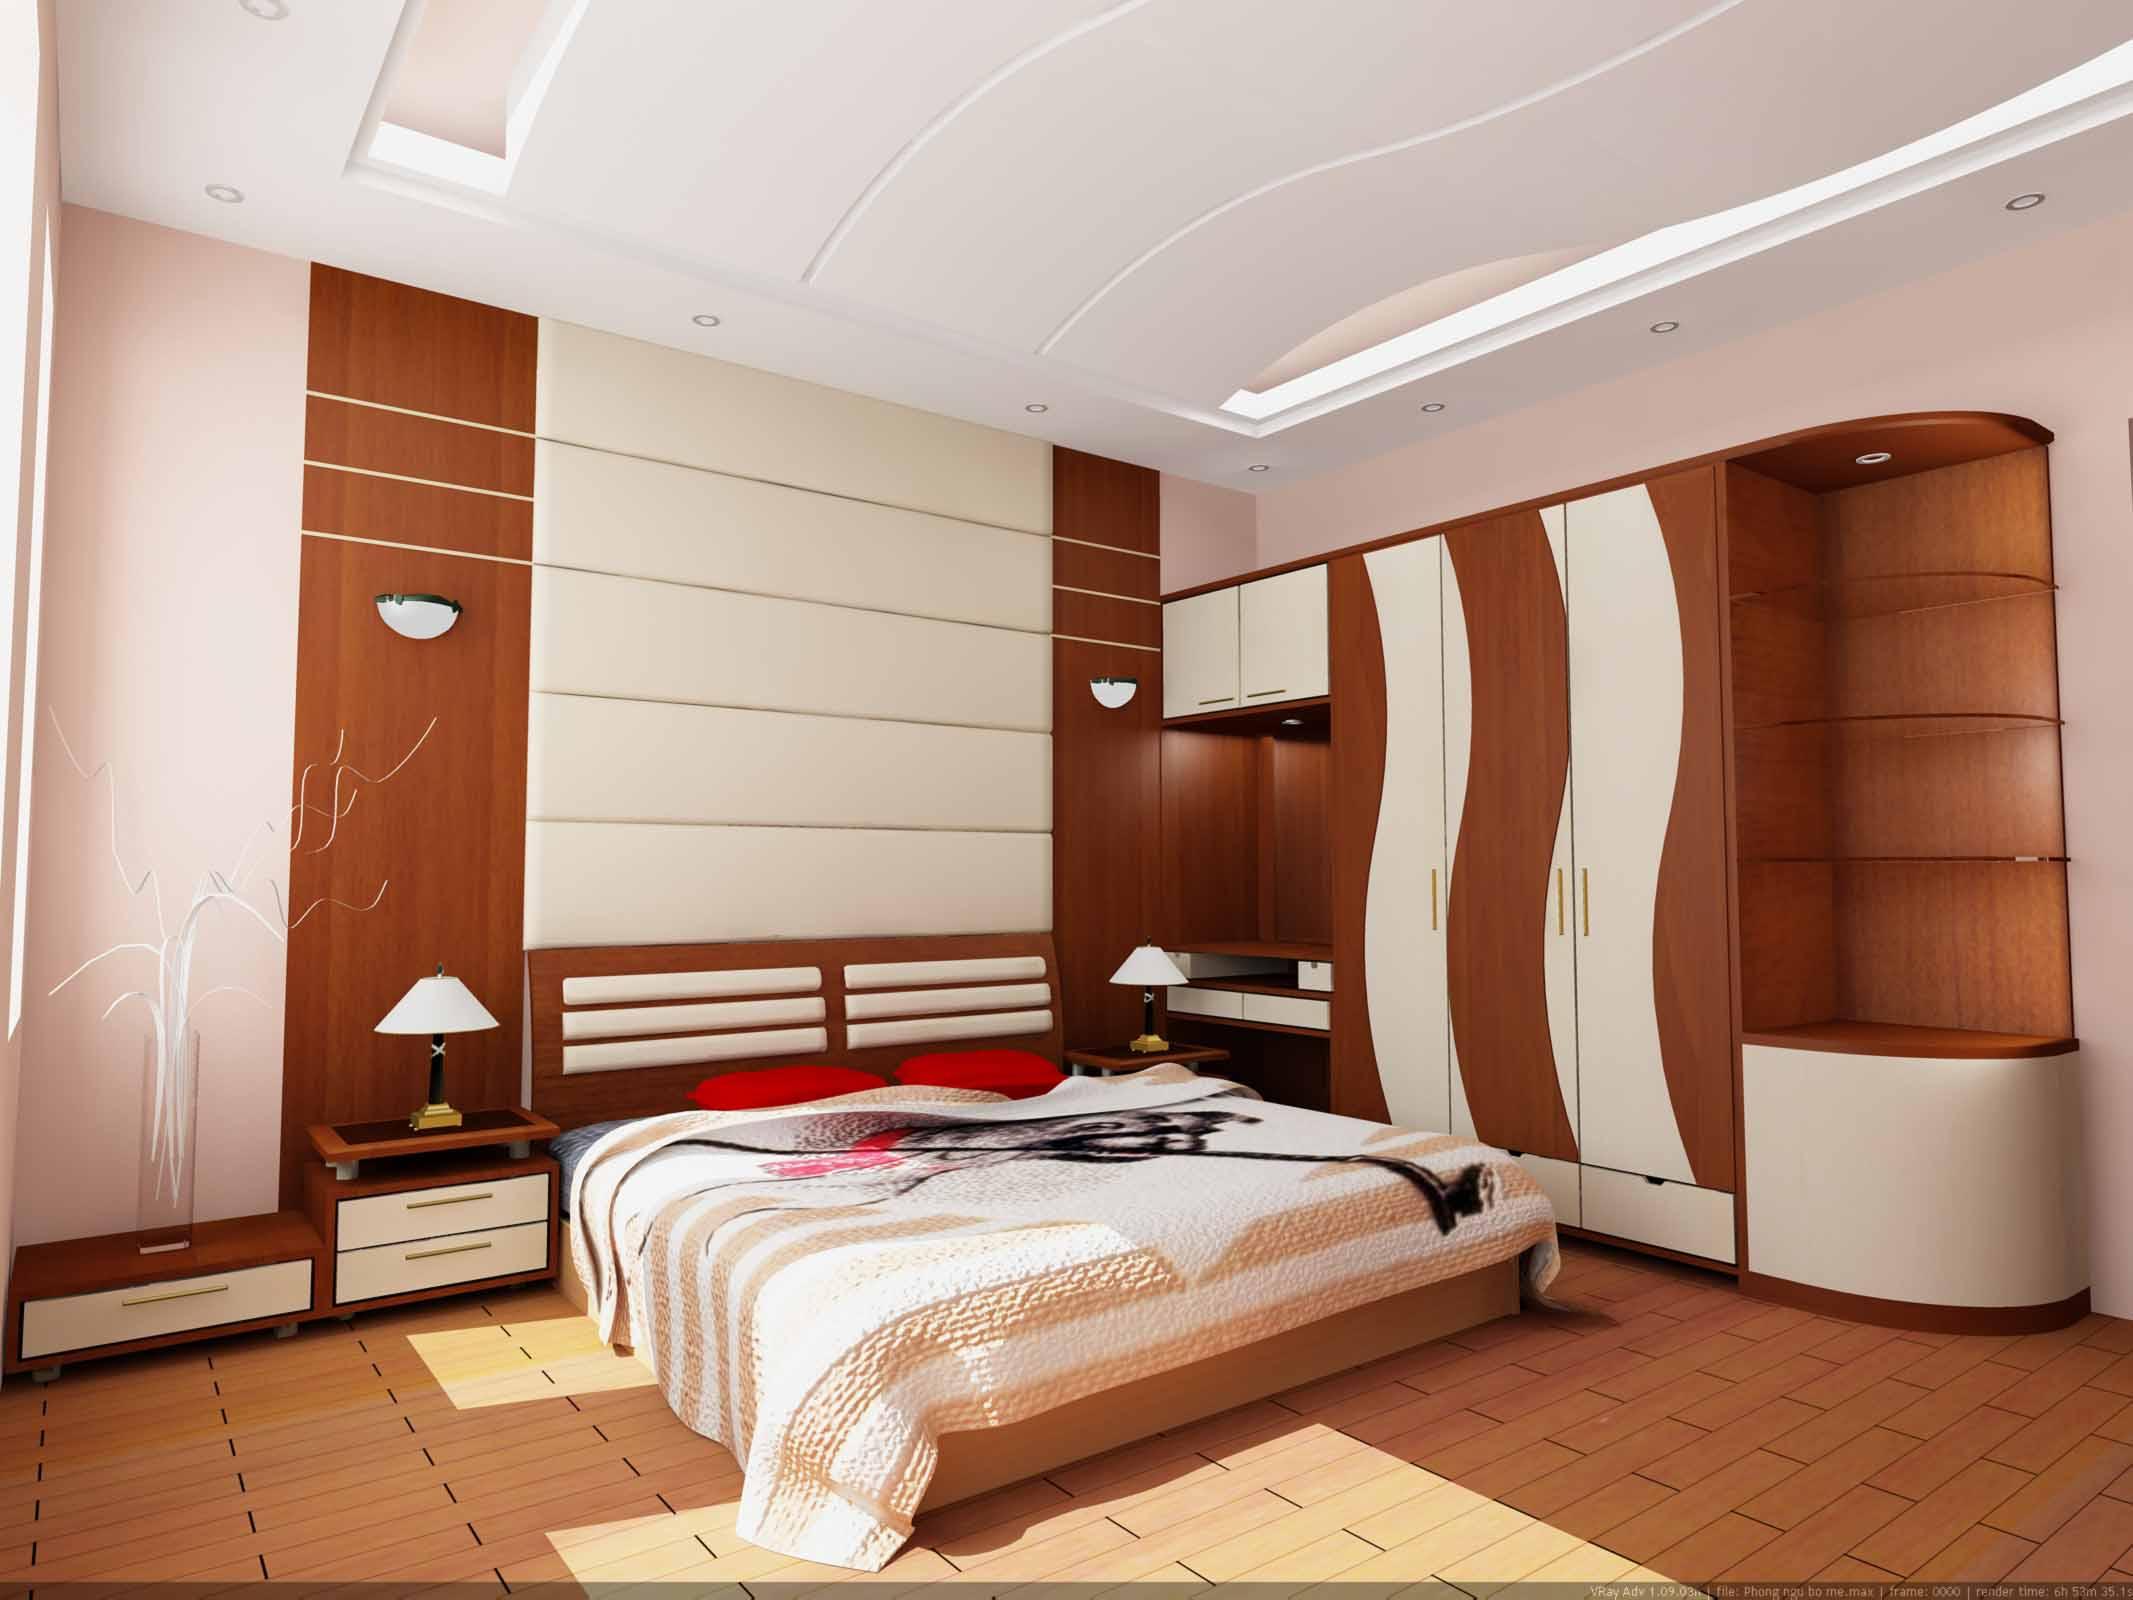 Thiết kế phòng ngủ đẹp và sang trọng với chất liệu gỗ sồi cao cấp.